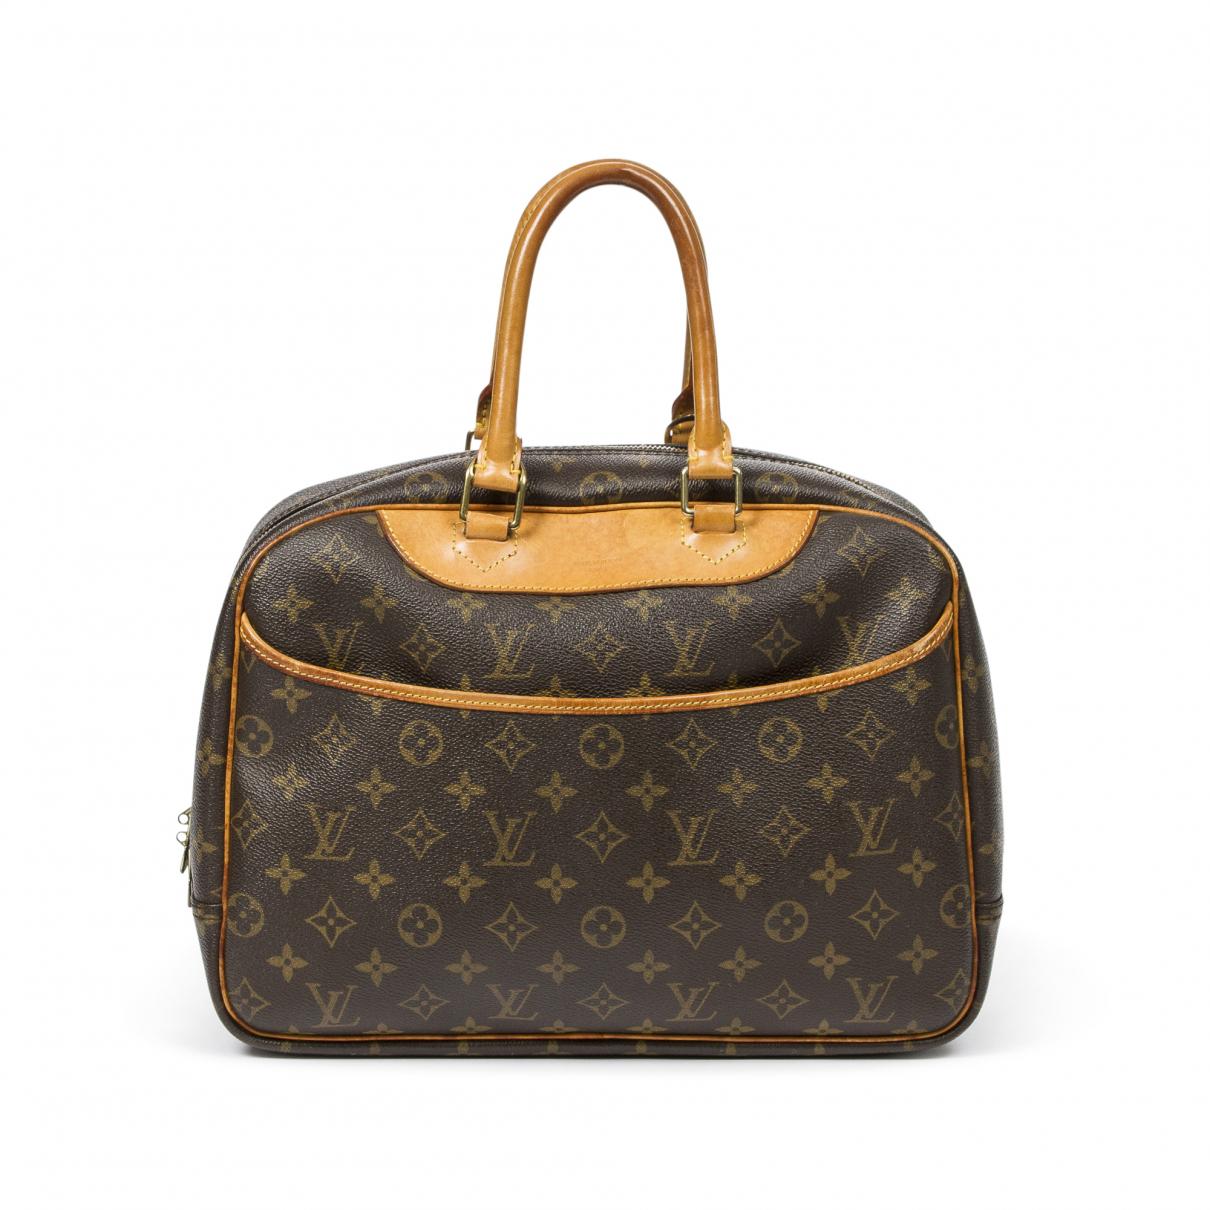 Louis Vuitton Deauville Handtasche in  Braun Baumwolle